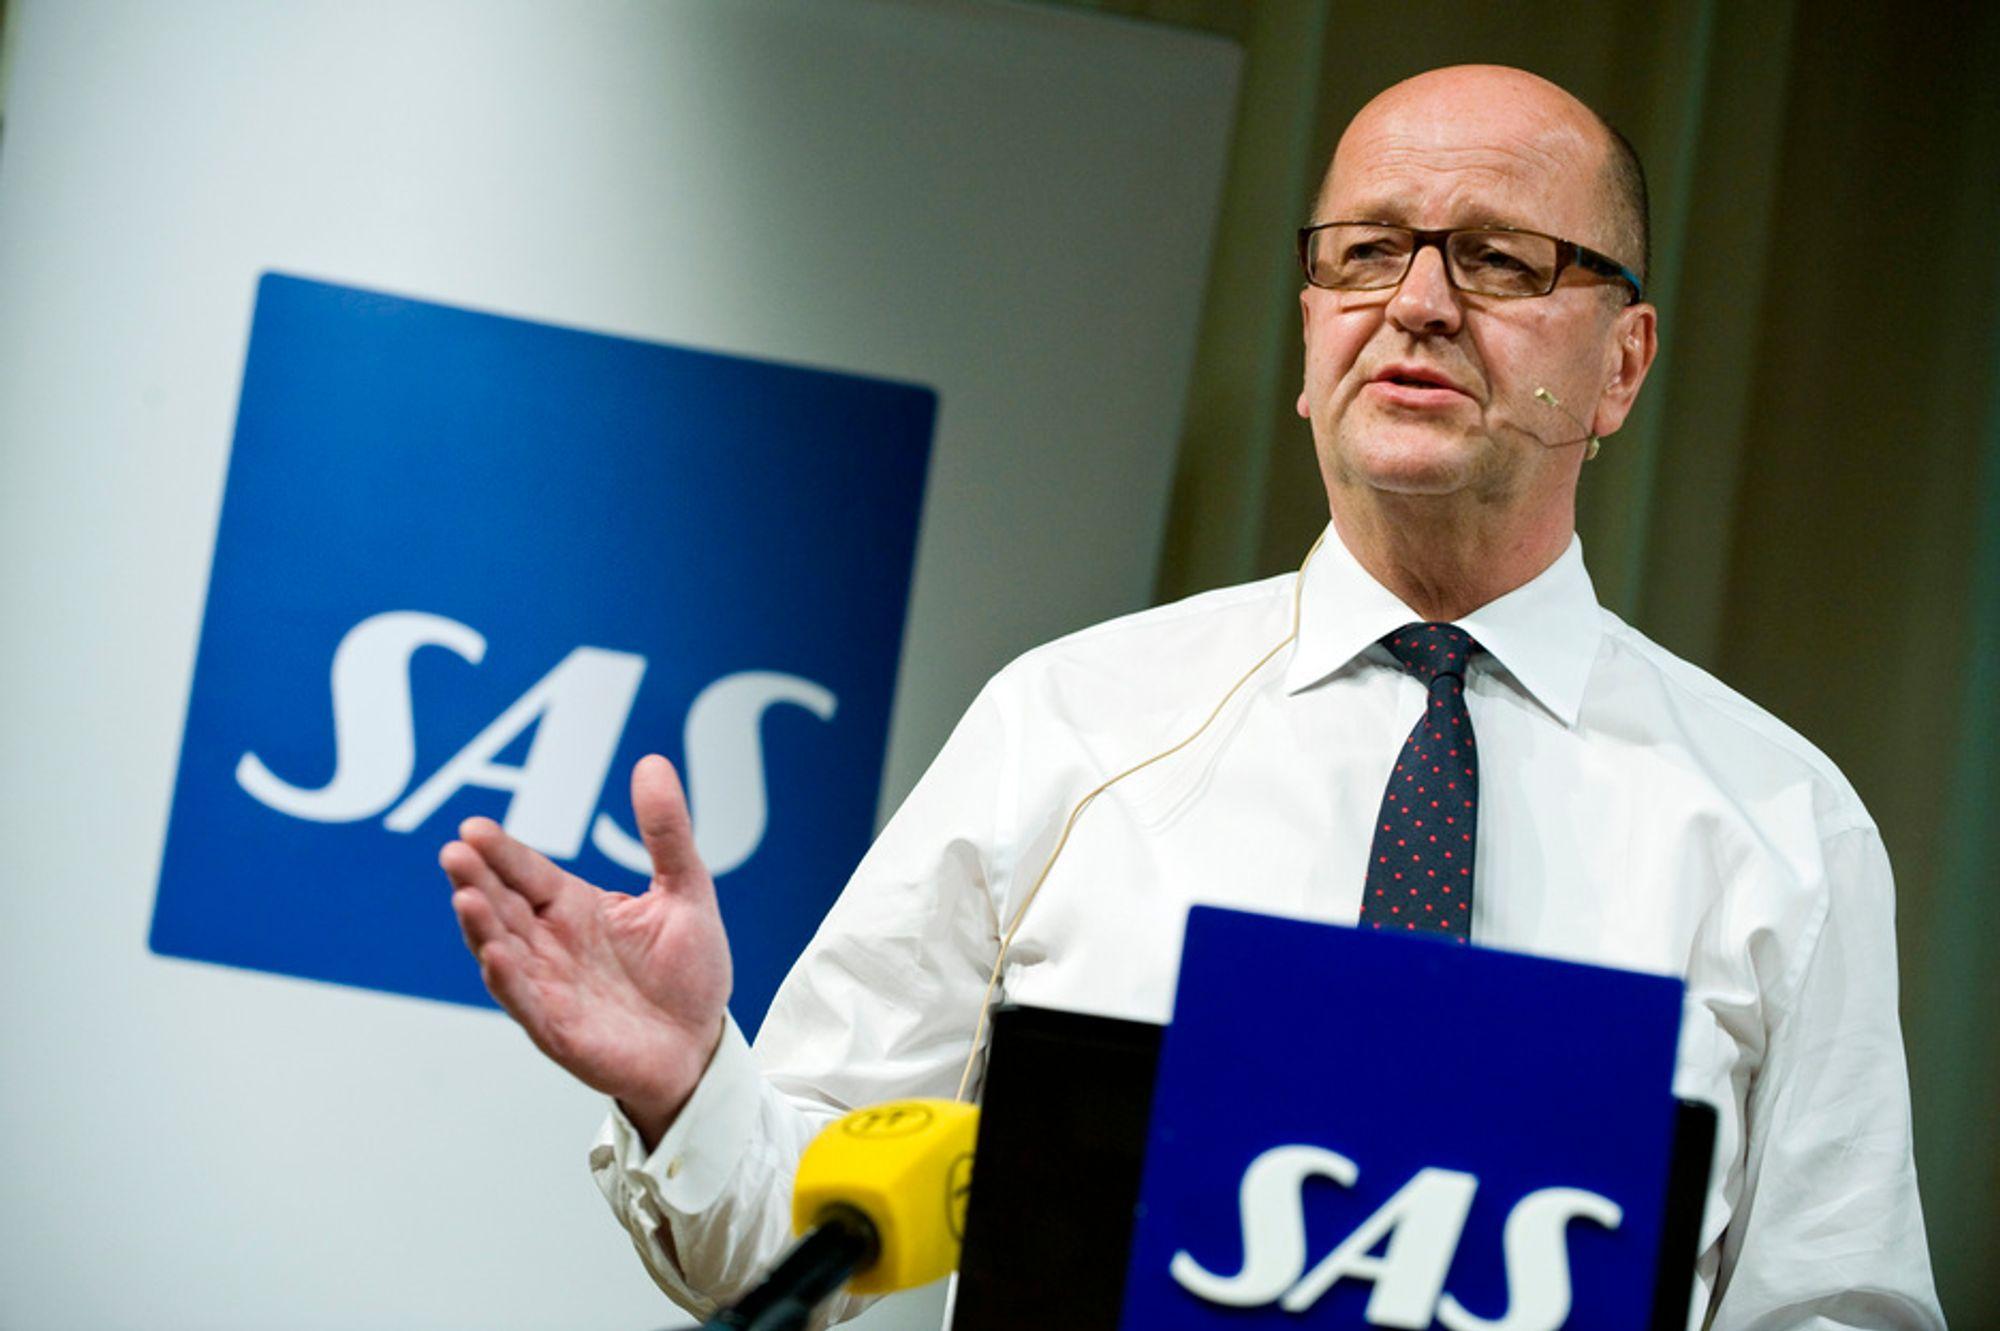 TAKKER FOR SEG: - Det har vært fire spennende og krevende år å lede SAS, sier Mats Jansson. Til høsten går han av, et knapt år før kontrakten hans løper ut.